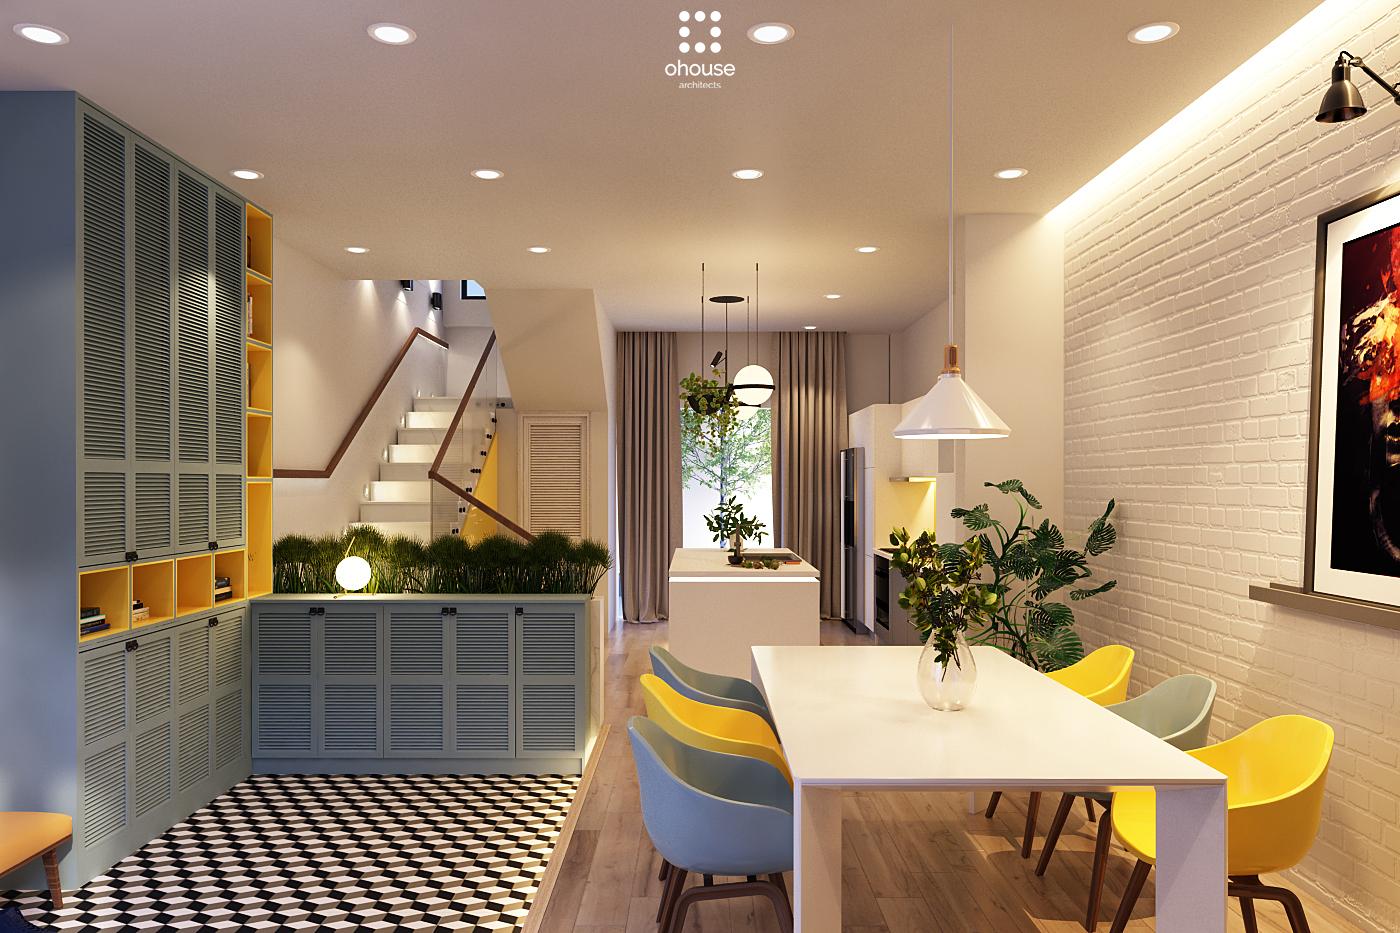 Thiết kế nội thất Nhà Mặt Phố tại Hồ Chí Minh Nội thất Nhà Phố Hà Đô 1590593174 3